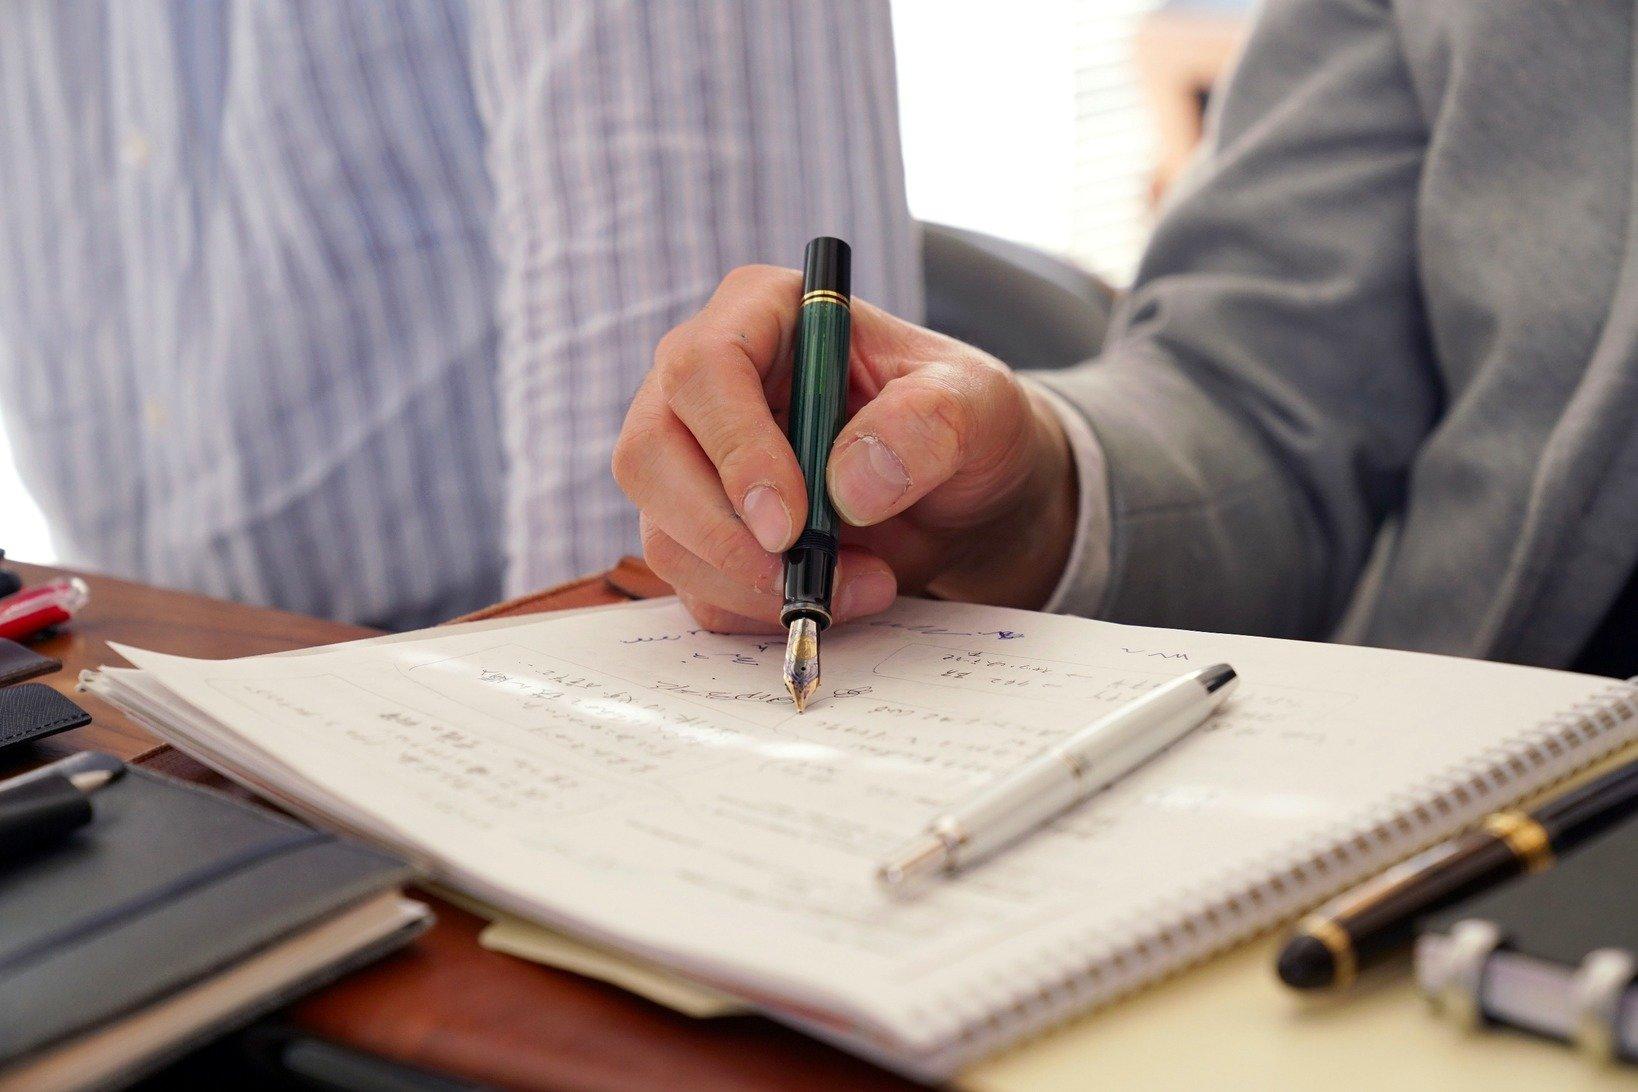 フルハルター森山さんにペン先研いでもらったことで「初めから手に紙に脳にフィットする書き味でした」と土橋さん。